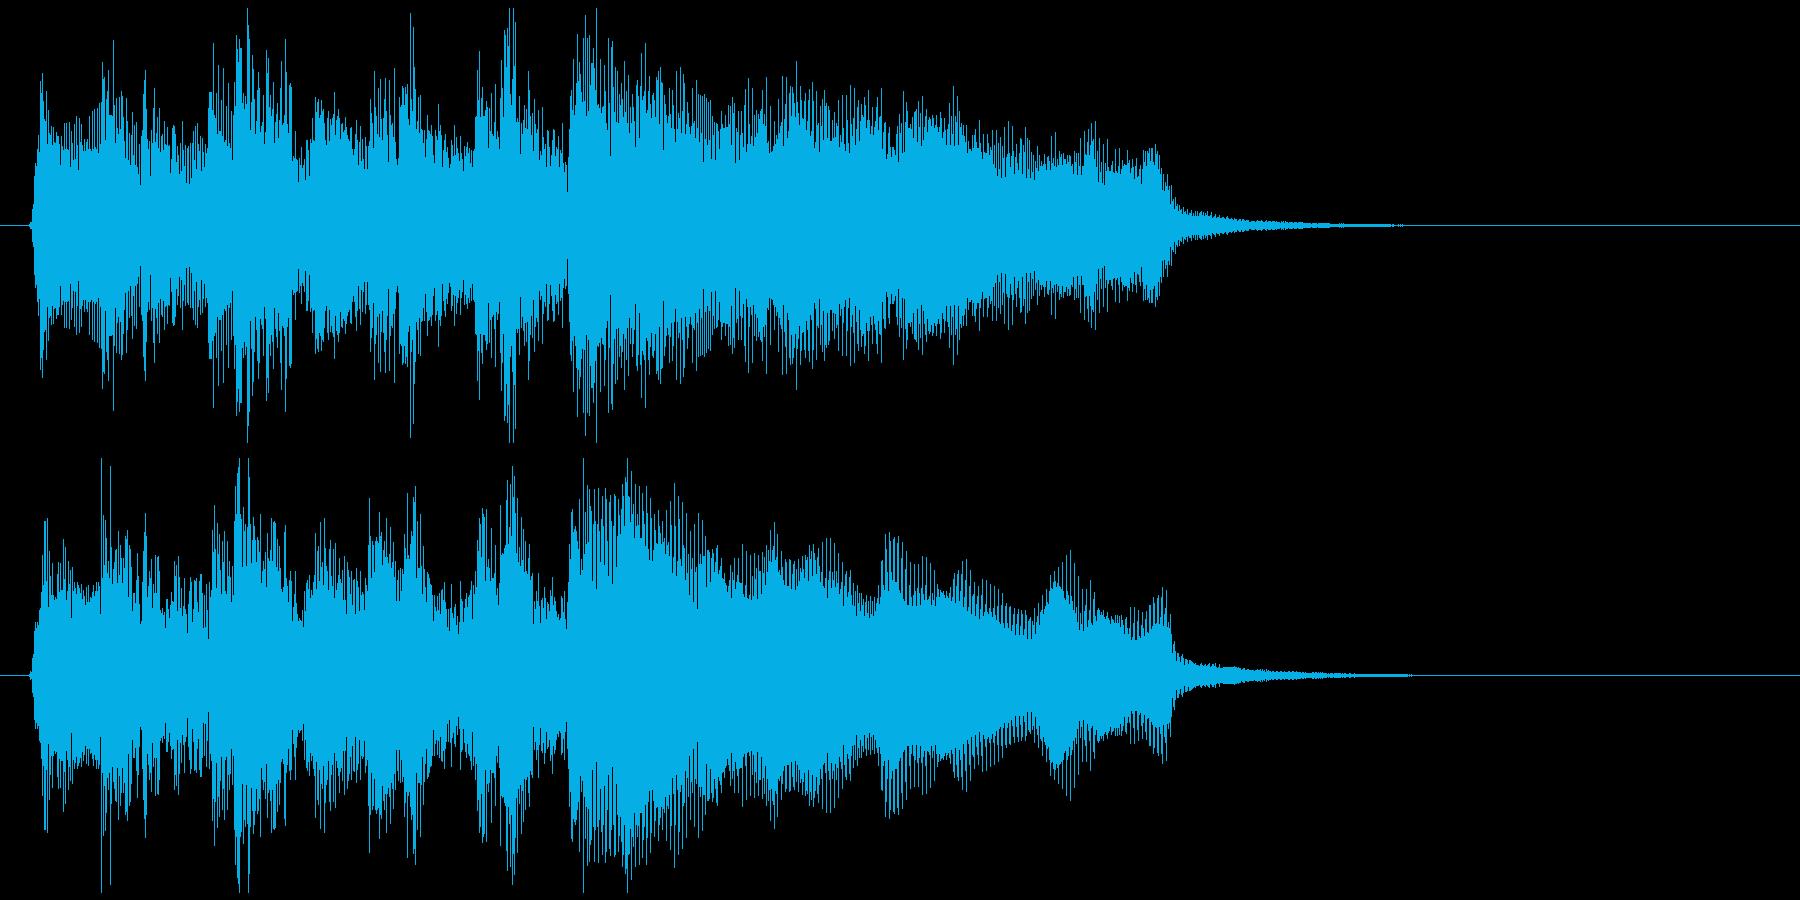 ラッパ、管楽器、ステージクリアのジングルの再生済みの波形